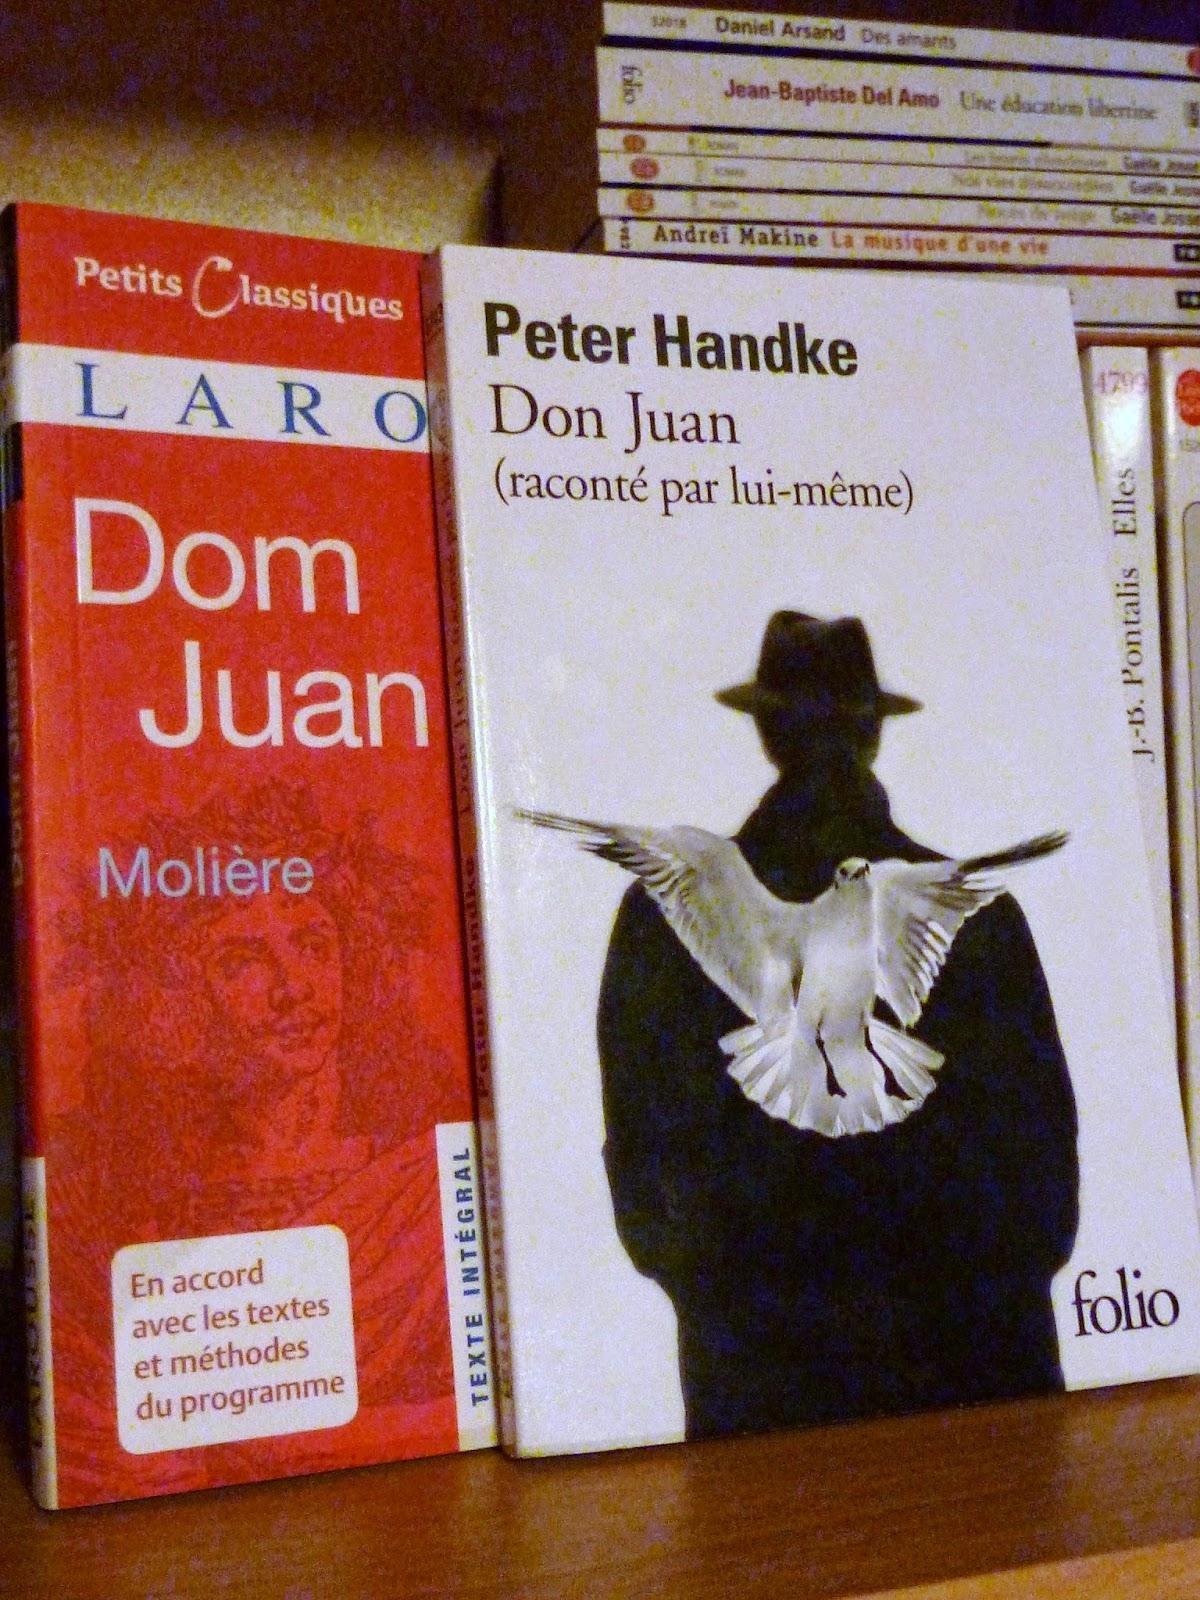 Don Juan - Peter Handke